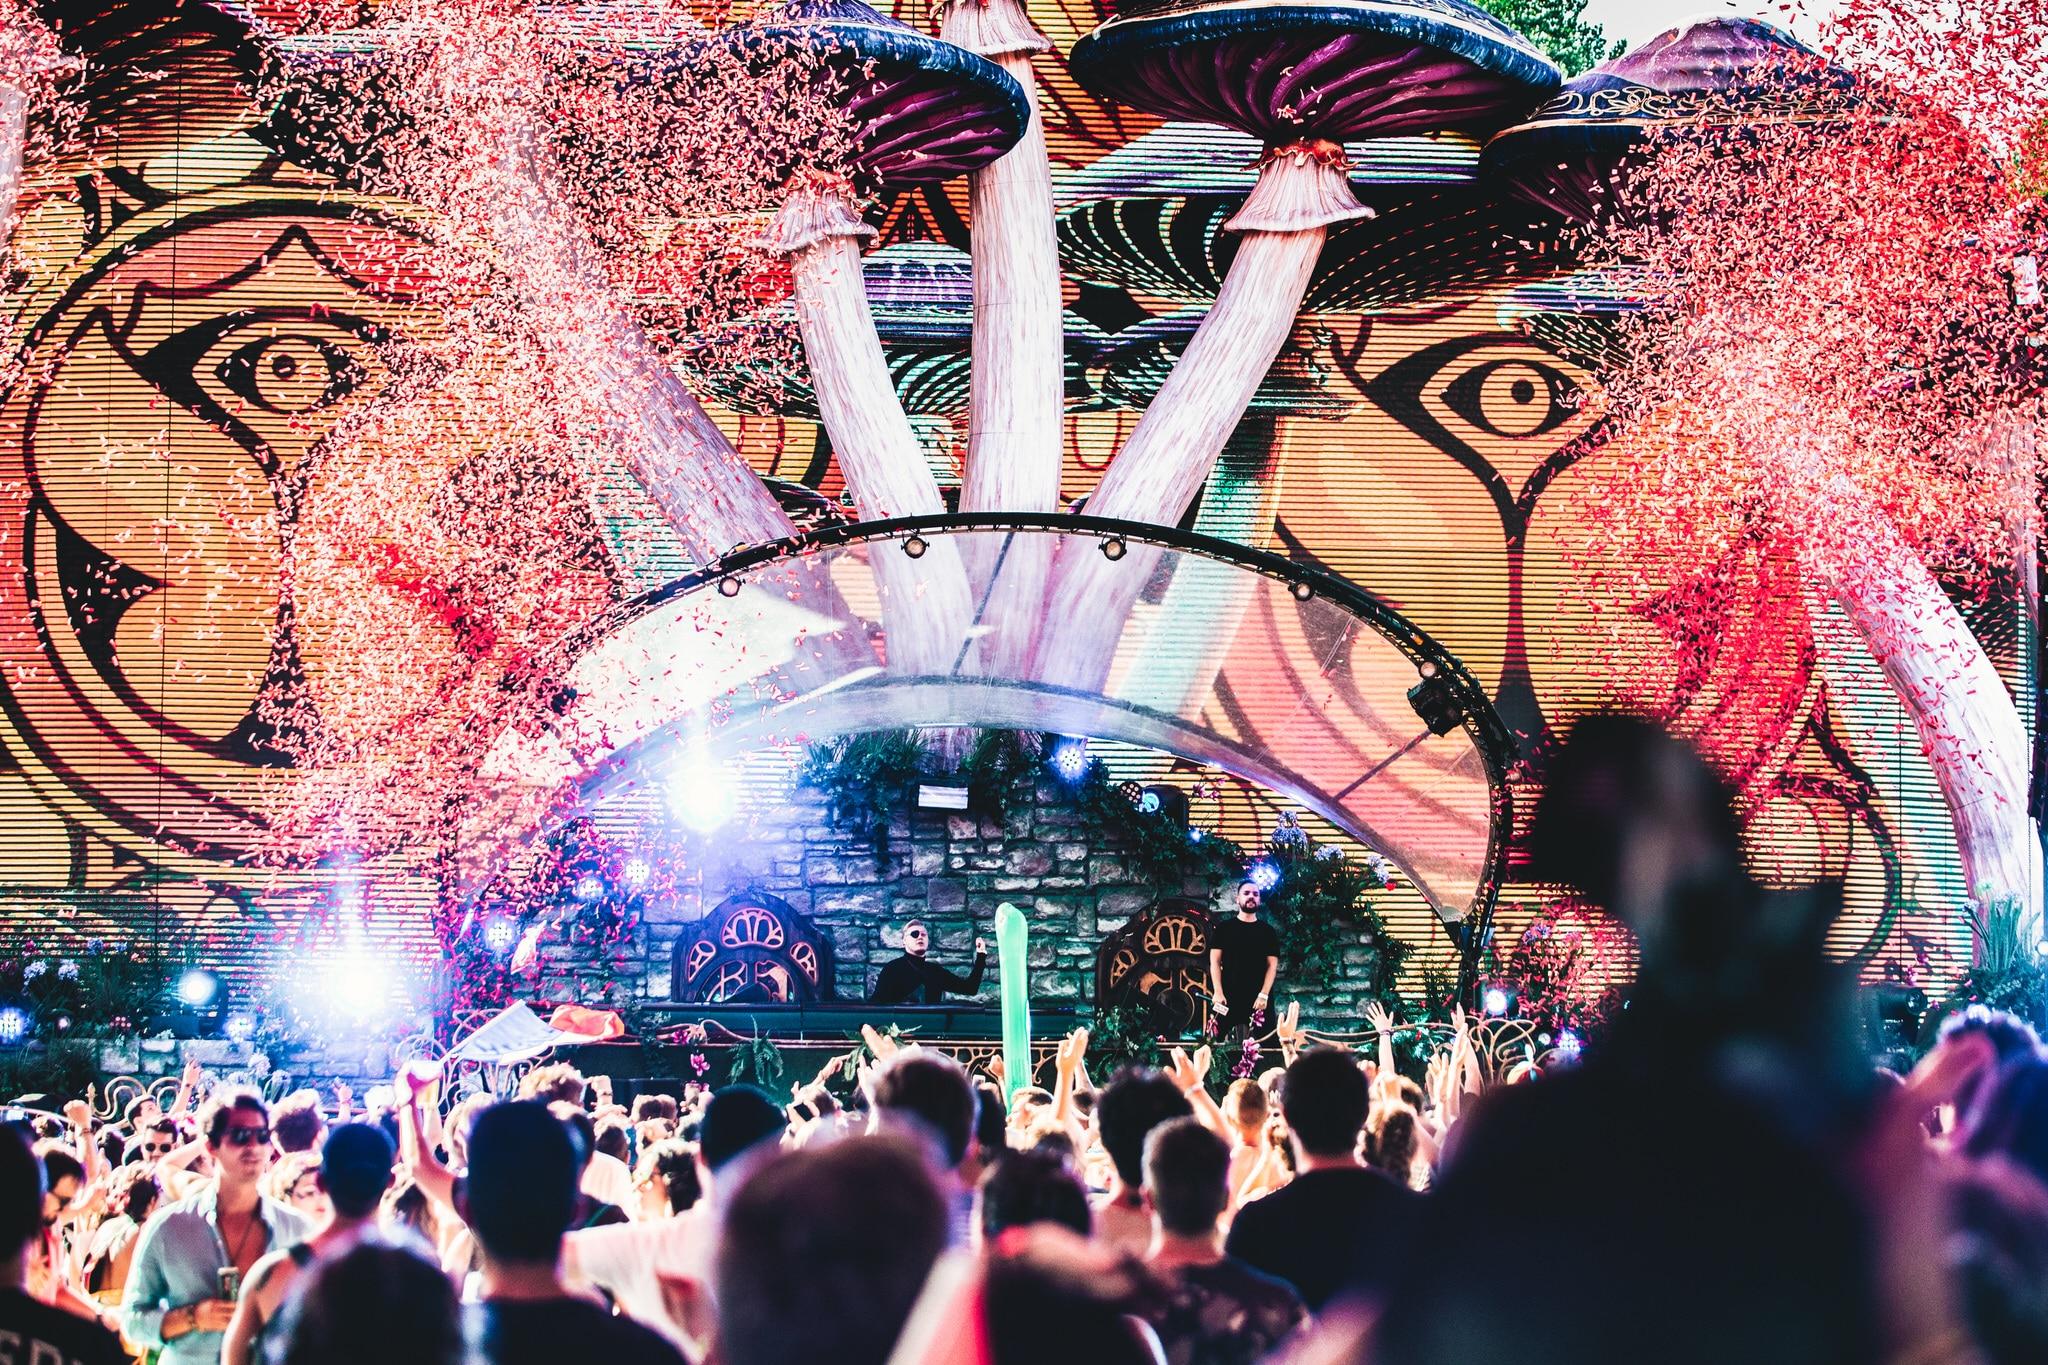 Photo d'événement prise lors du festival Tomorrowland. Photo prise depuis le public vers le DJ.